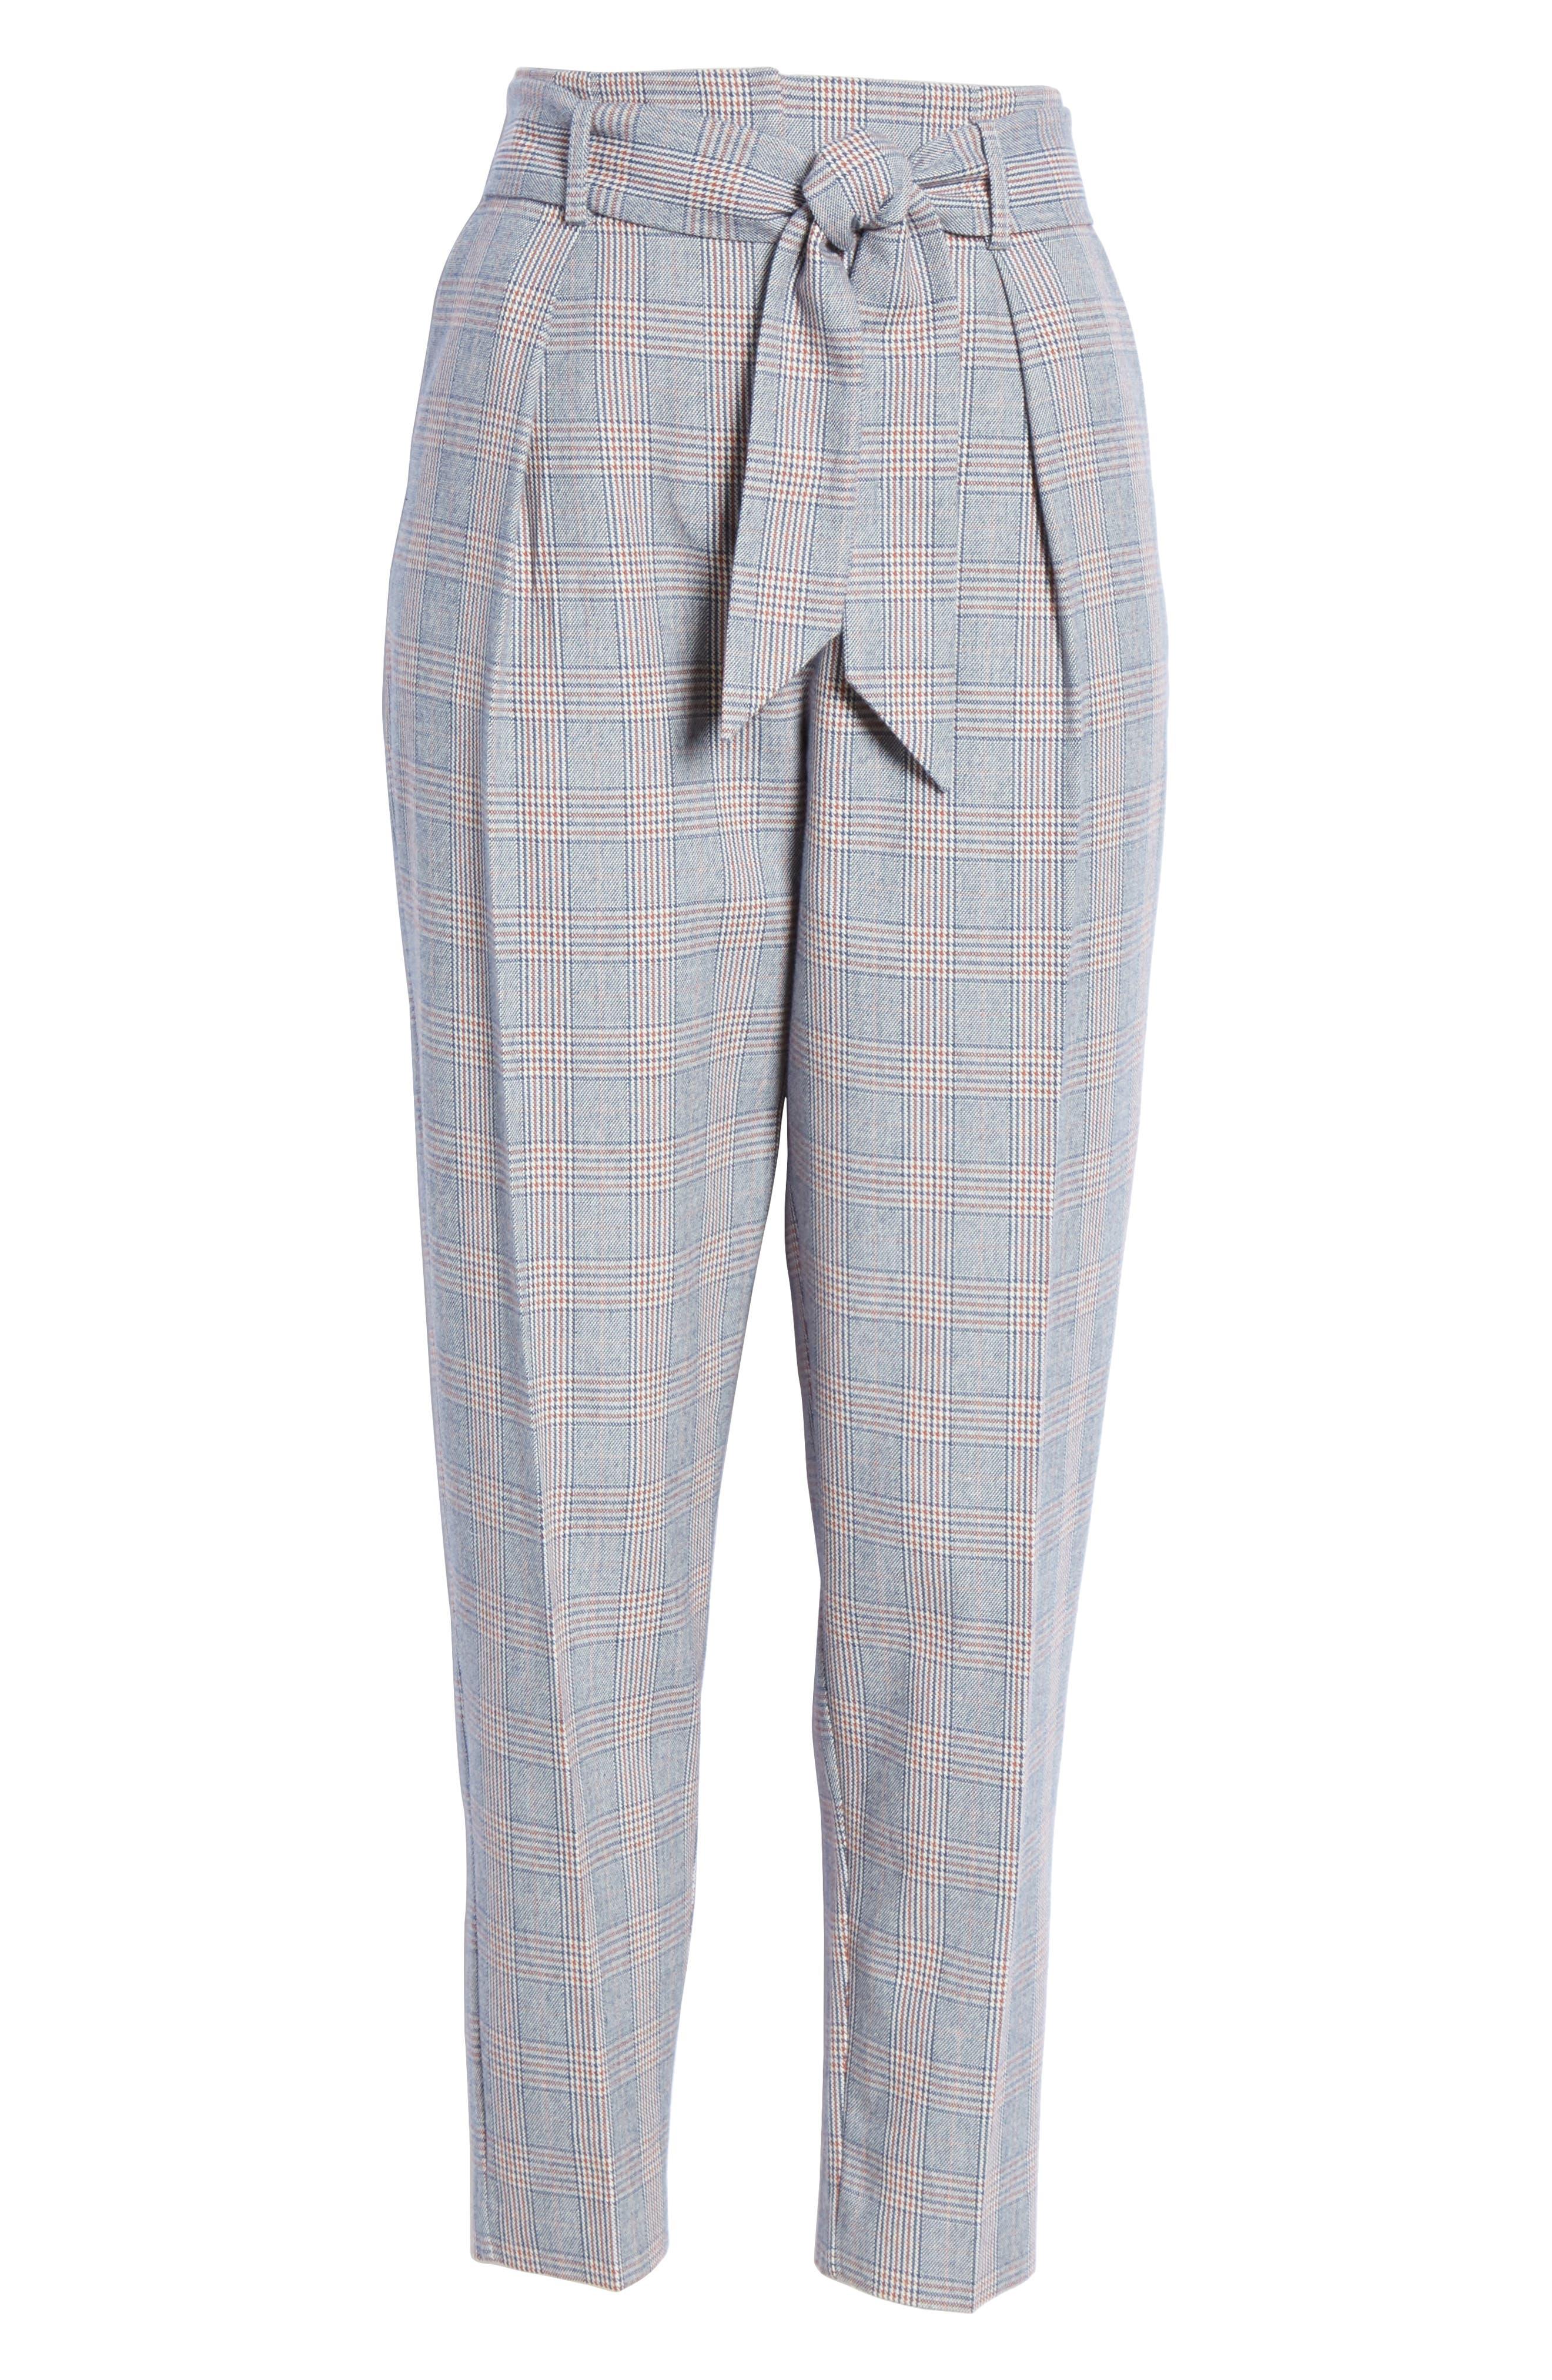 Marcelle Plaid Cotton & Wool Tie Waist Trousers,                             Alternate thumbnail 6, color,                             BLUE MULTI